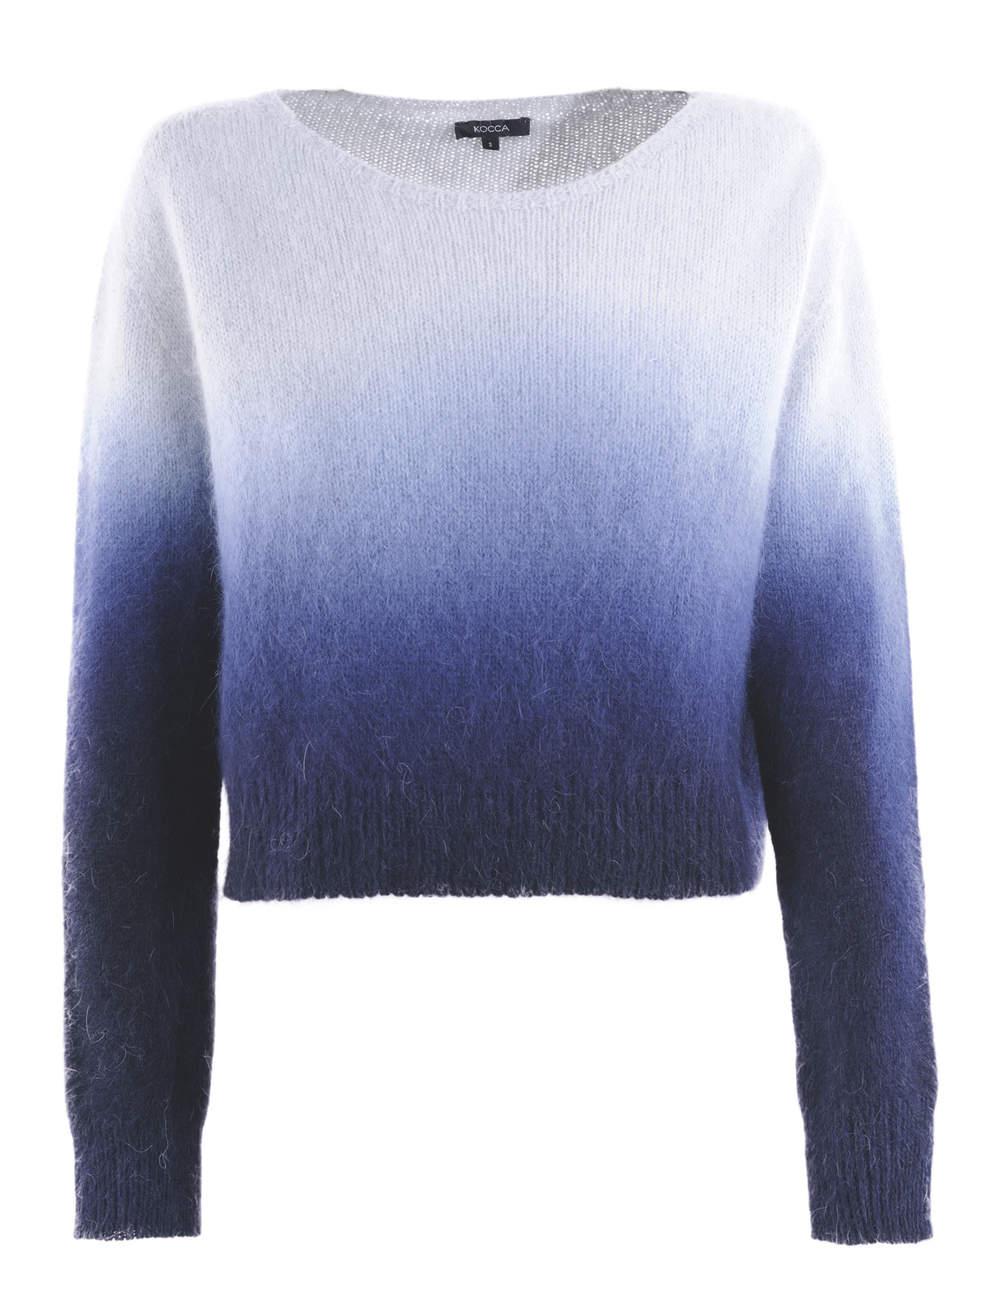 Pull en laine mélangée, Kocca, 97€.